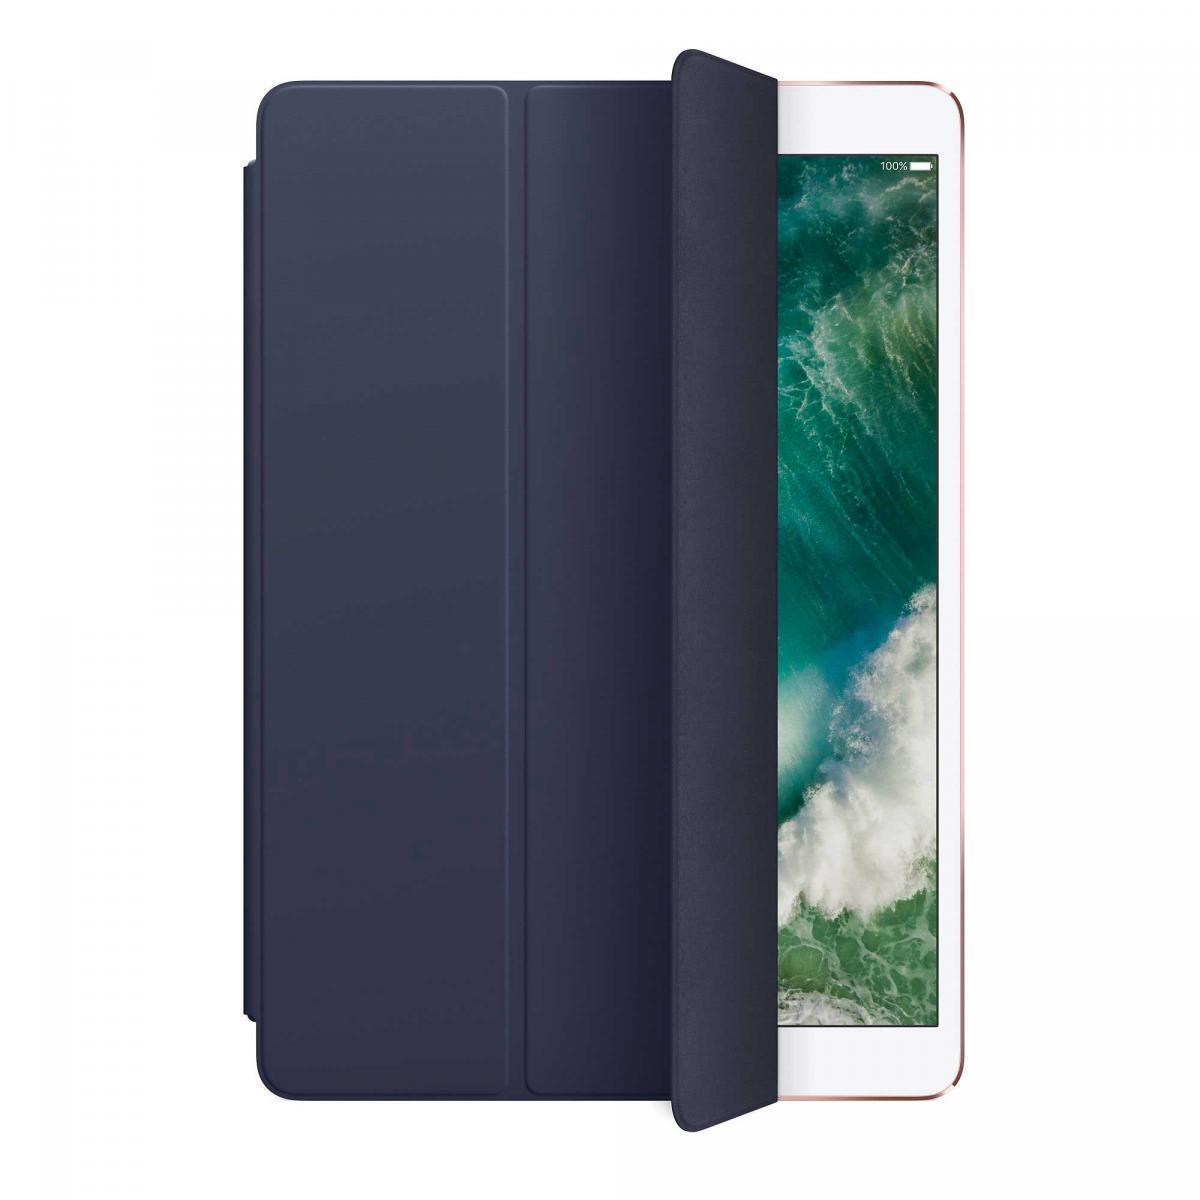 Чехол-книжка Rock Uni Series для Apple iPad Pro 10.5 (полиуретан+пластик) темно-синийдля Apple iPad Pro 10.5<br>Чехол-книжка Rock Uni Series для Apple iPad Pro 10.5 (полиуретан+пластик) темно-синий<br>